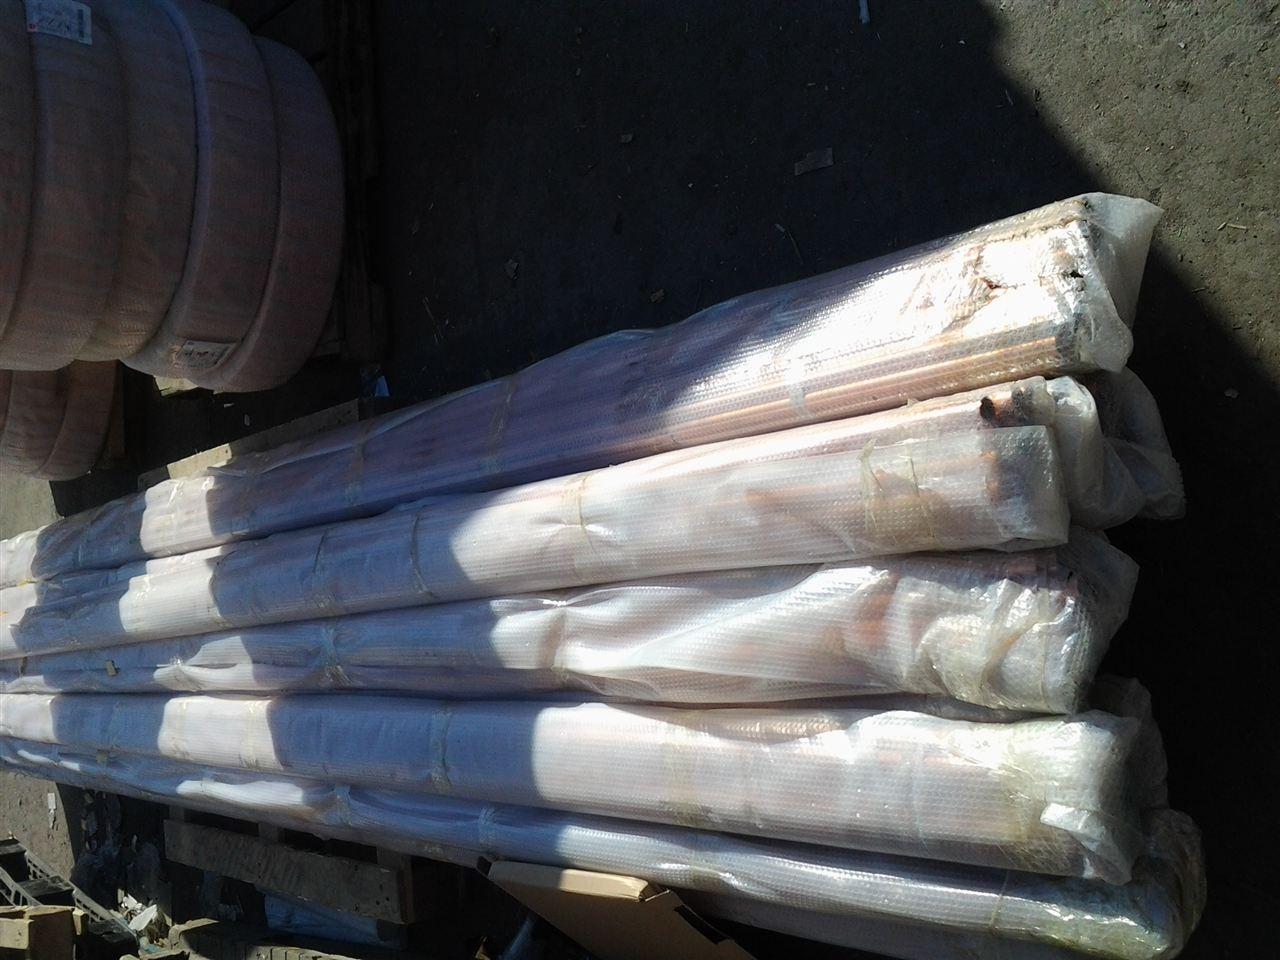 齐齐哈尔冷媒铜管价格,空调冷媒铜管价格